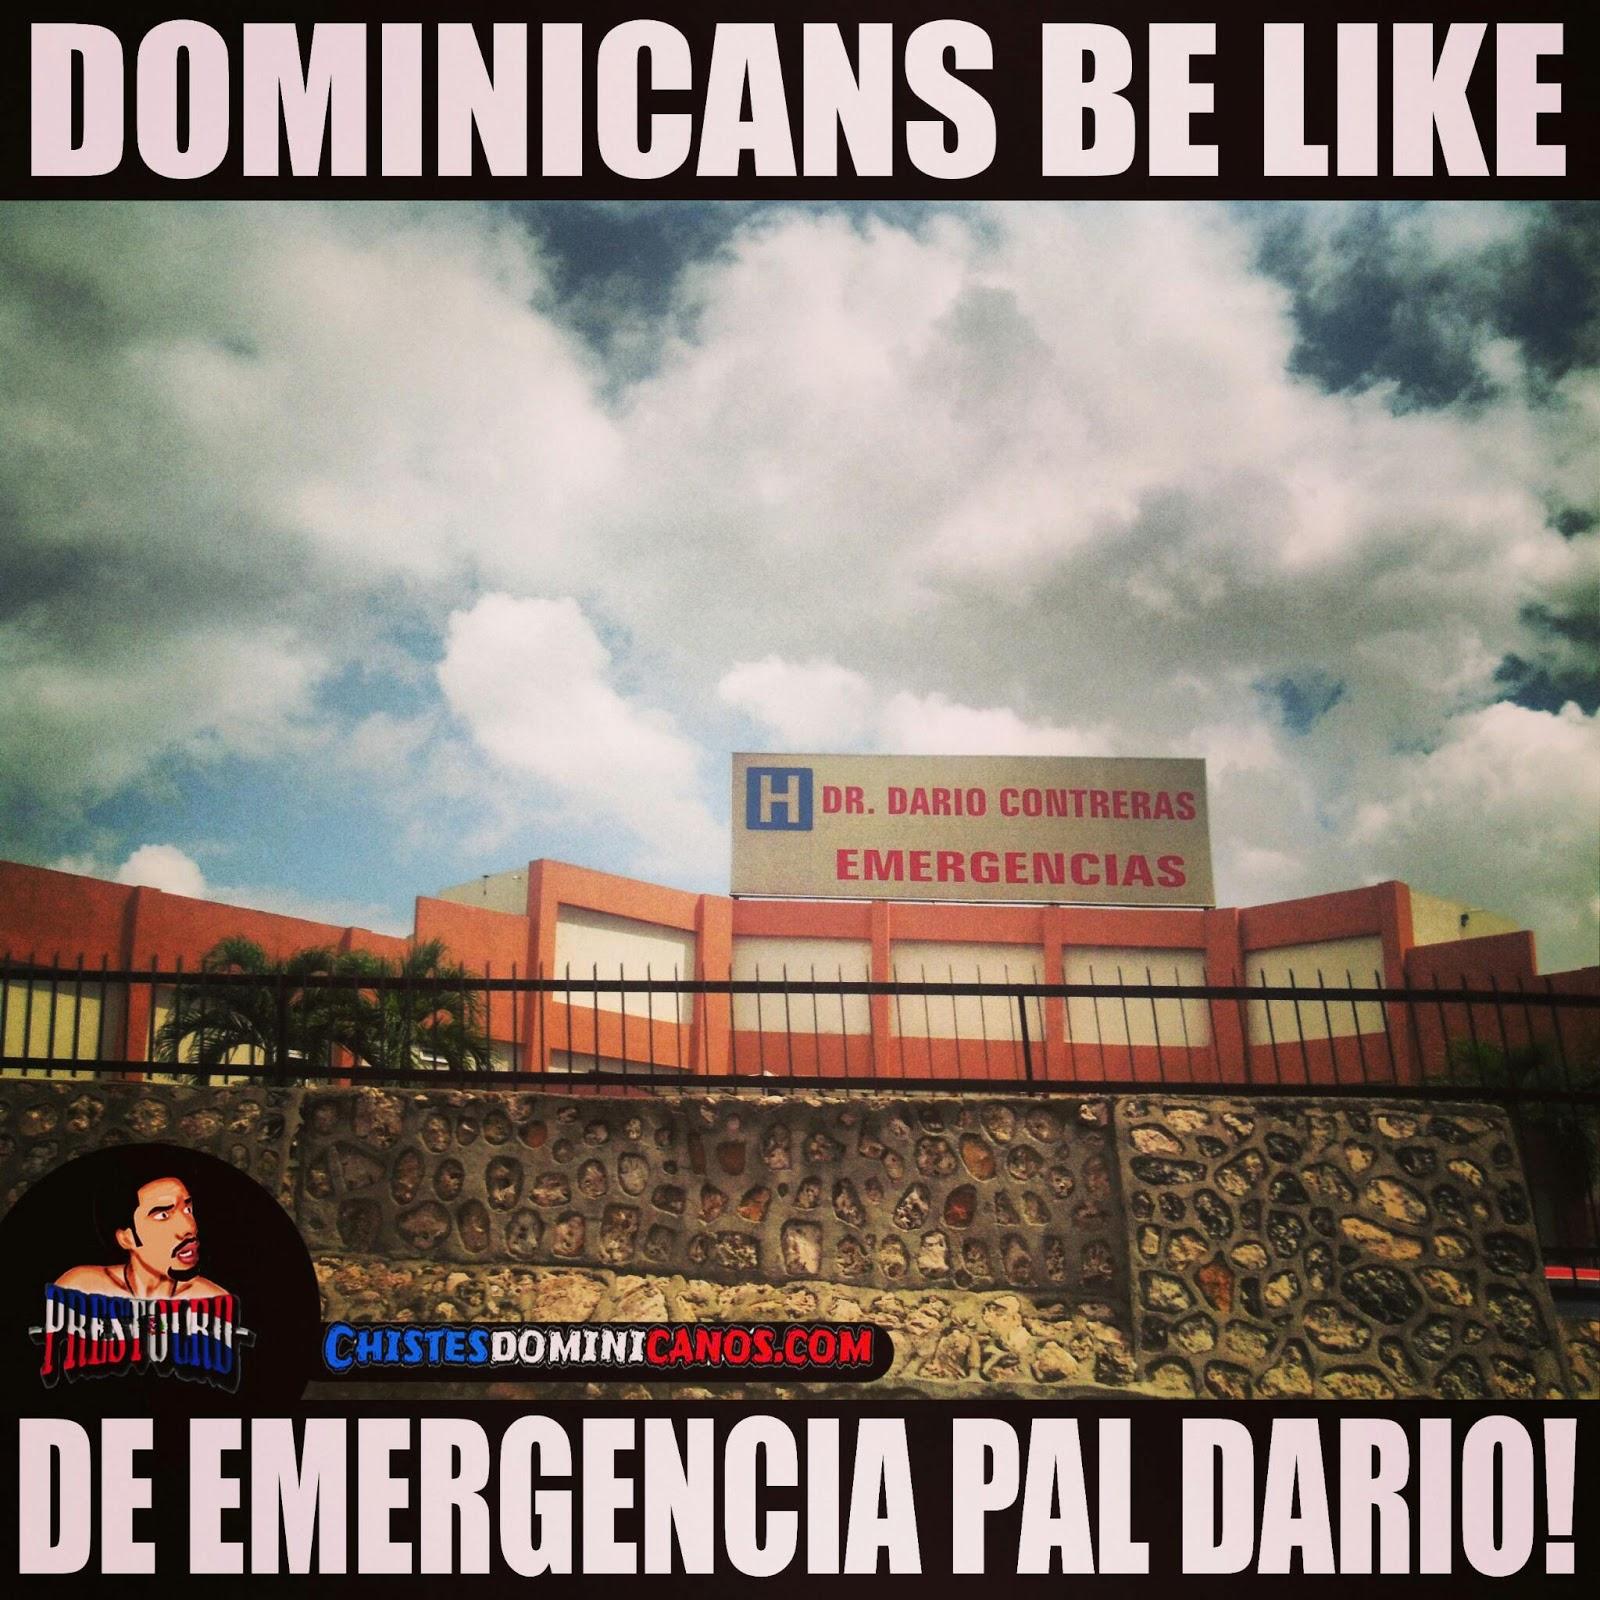 Pin Dominicans-be-like-diablo-que-maldita-bachata ...